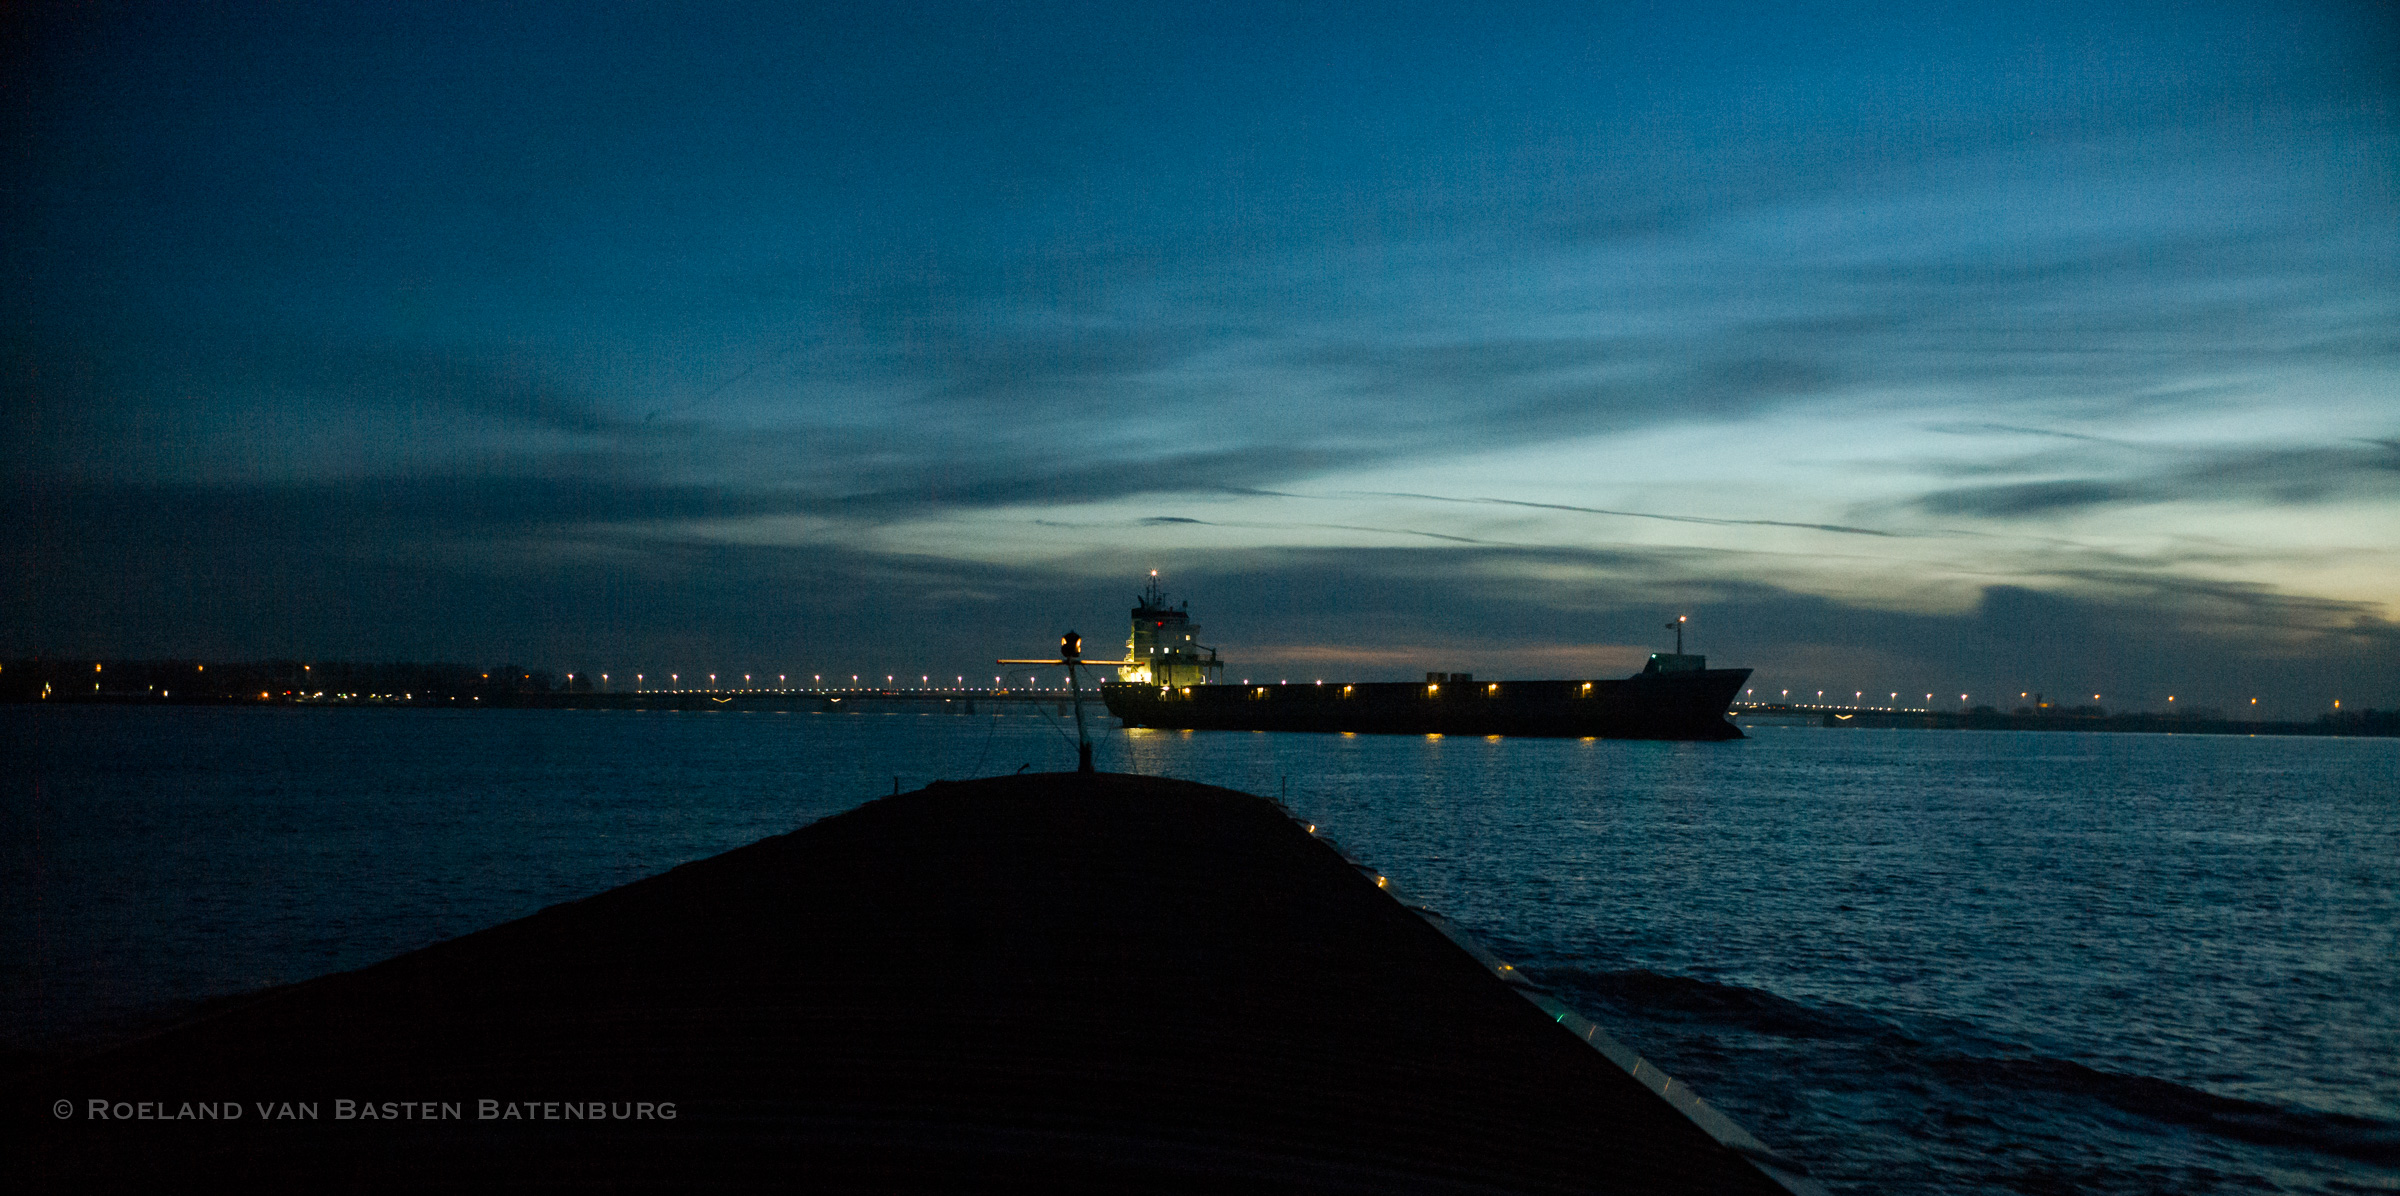 Een zeeschip steekt voor ons over van de Dordse Kil richting Moerdijk. Via de marifoon hebben we afgesproken dat hij voor ons langs kan varen.